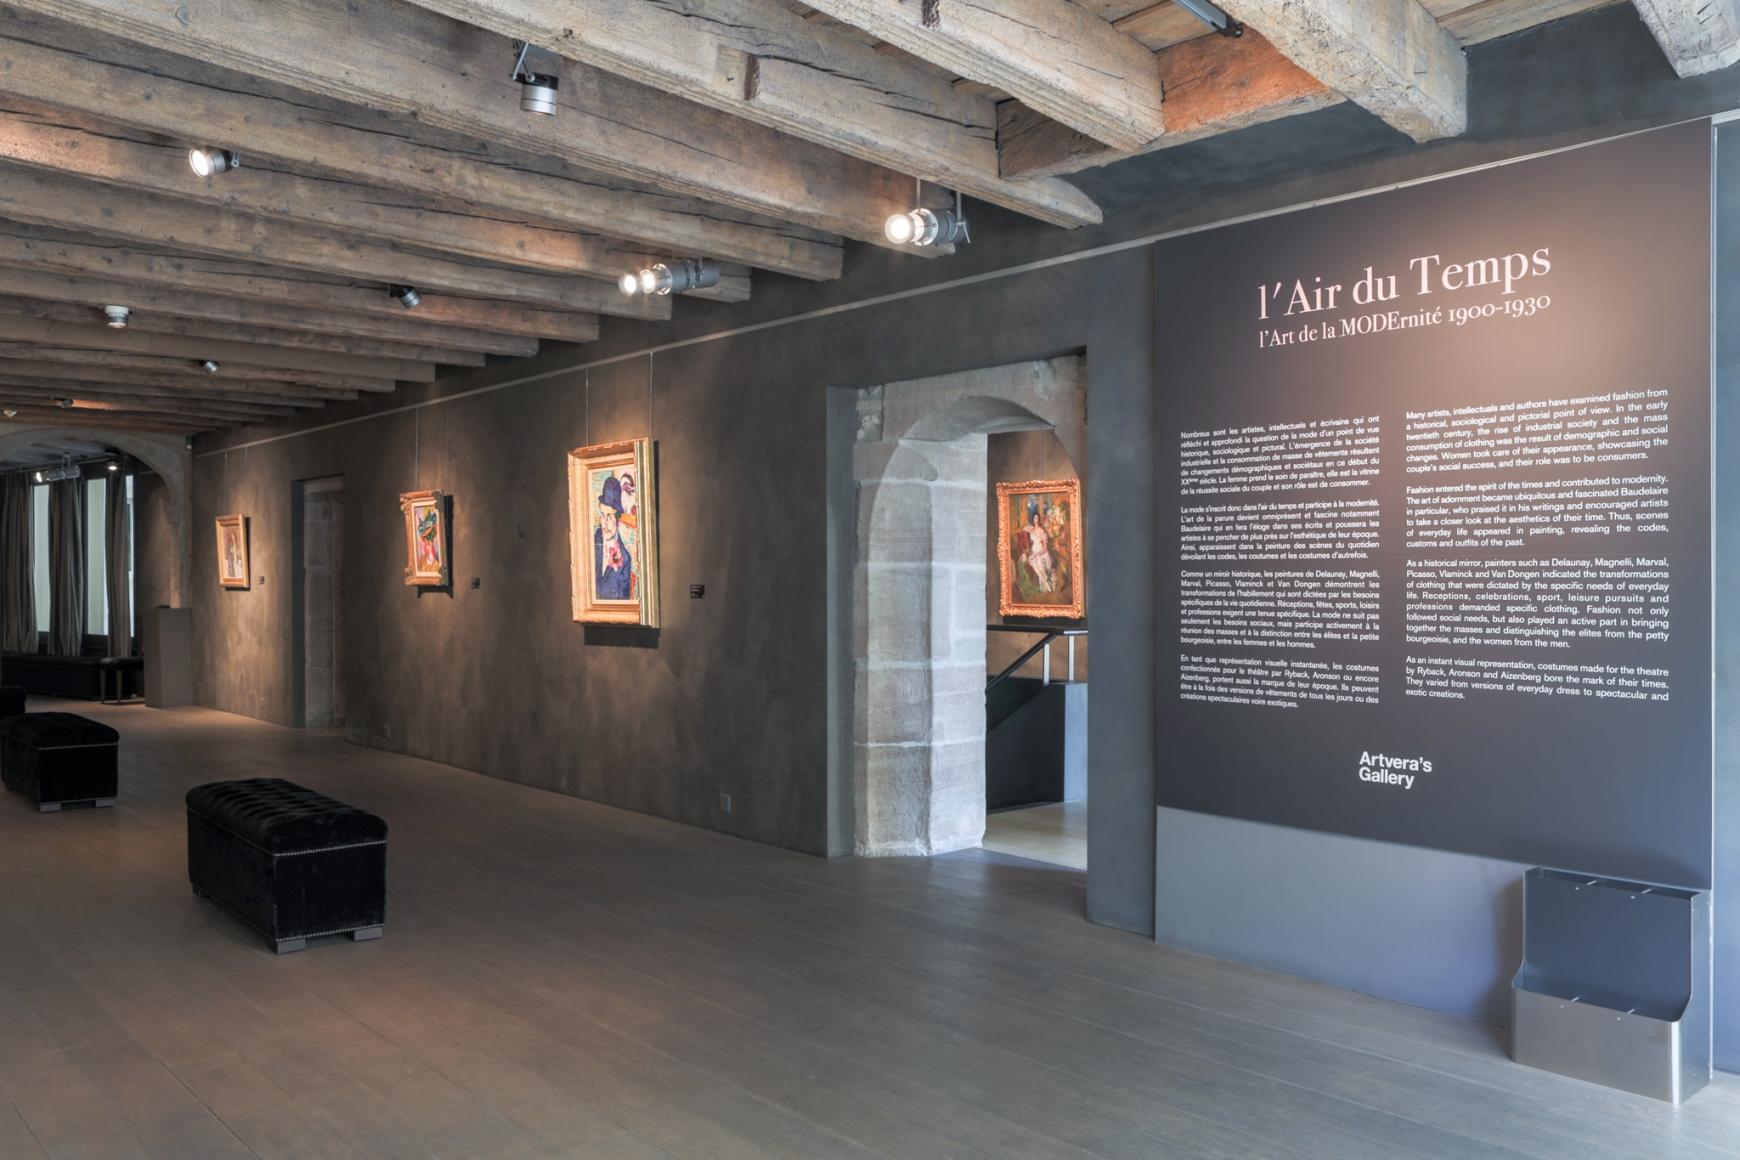 Tenue D Artiste Peintre l'air du temps: the art of modernity 1900-1930 - exhibitions